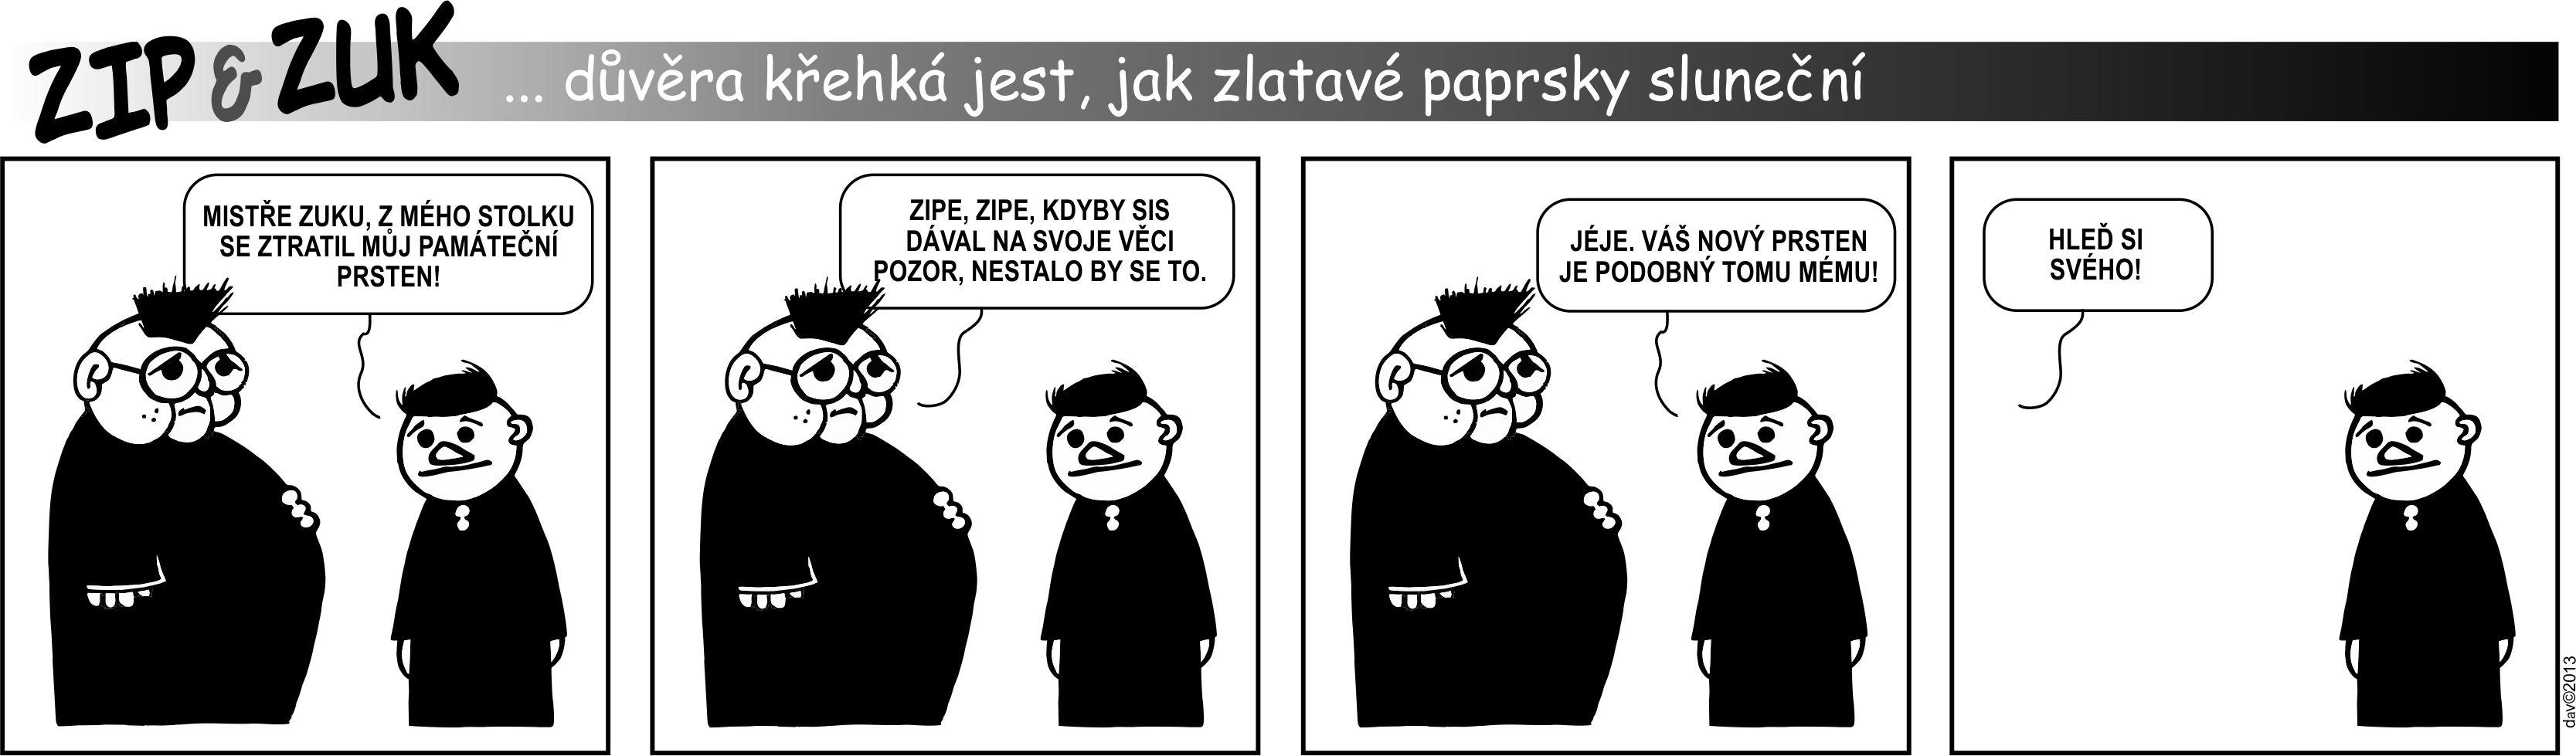 Zip a Zuk 06